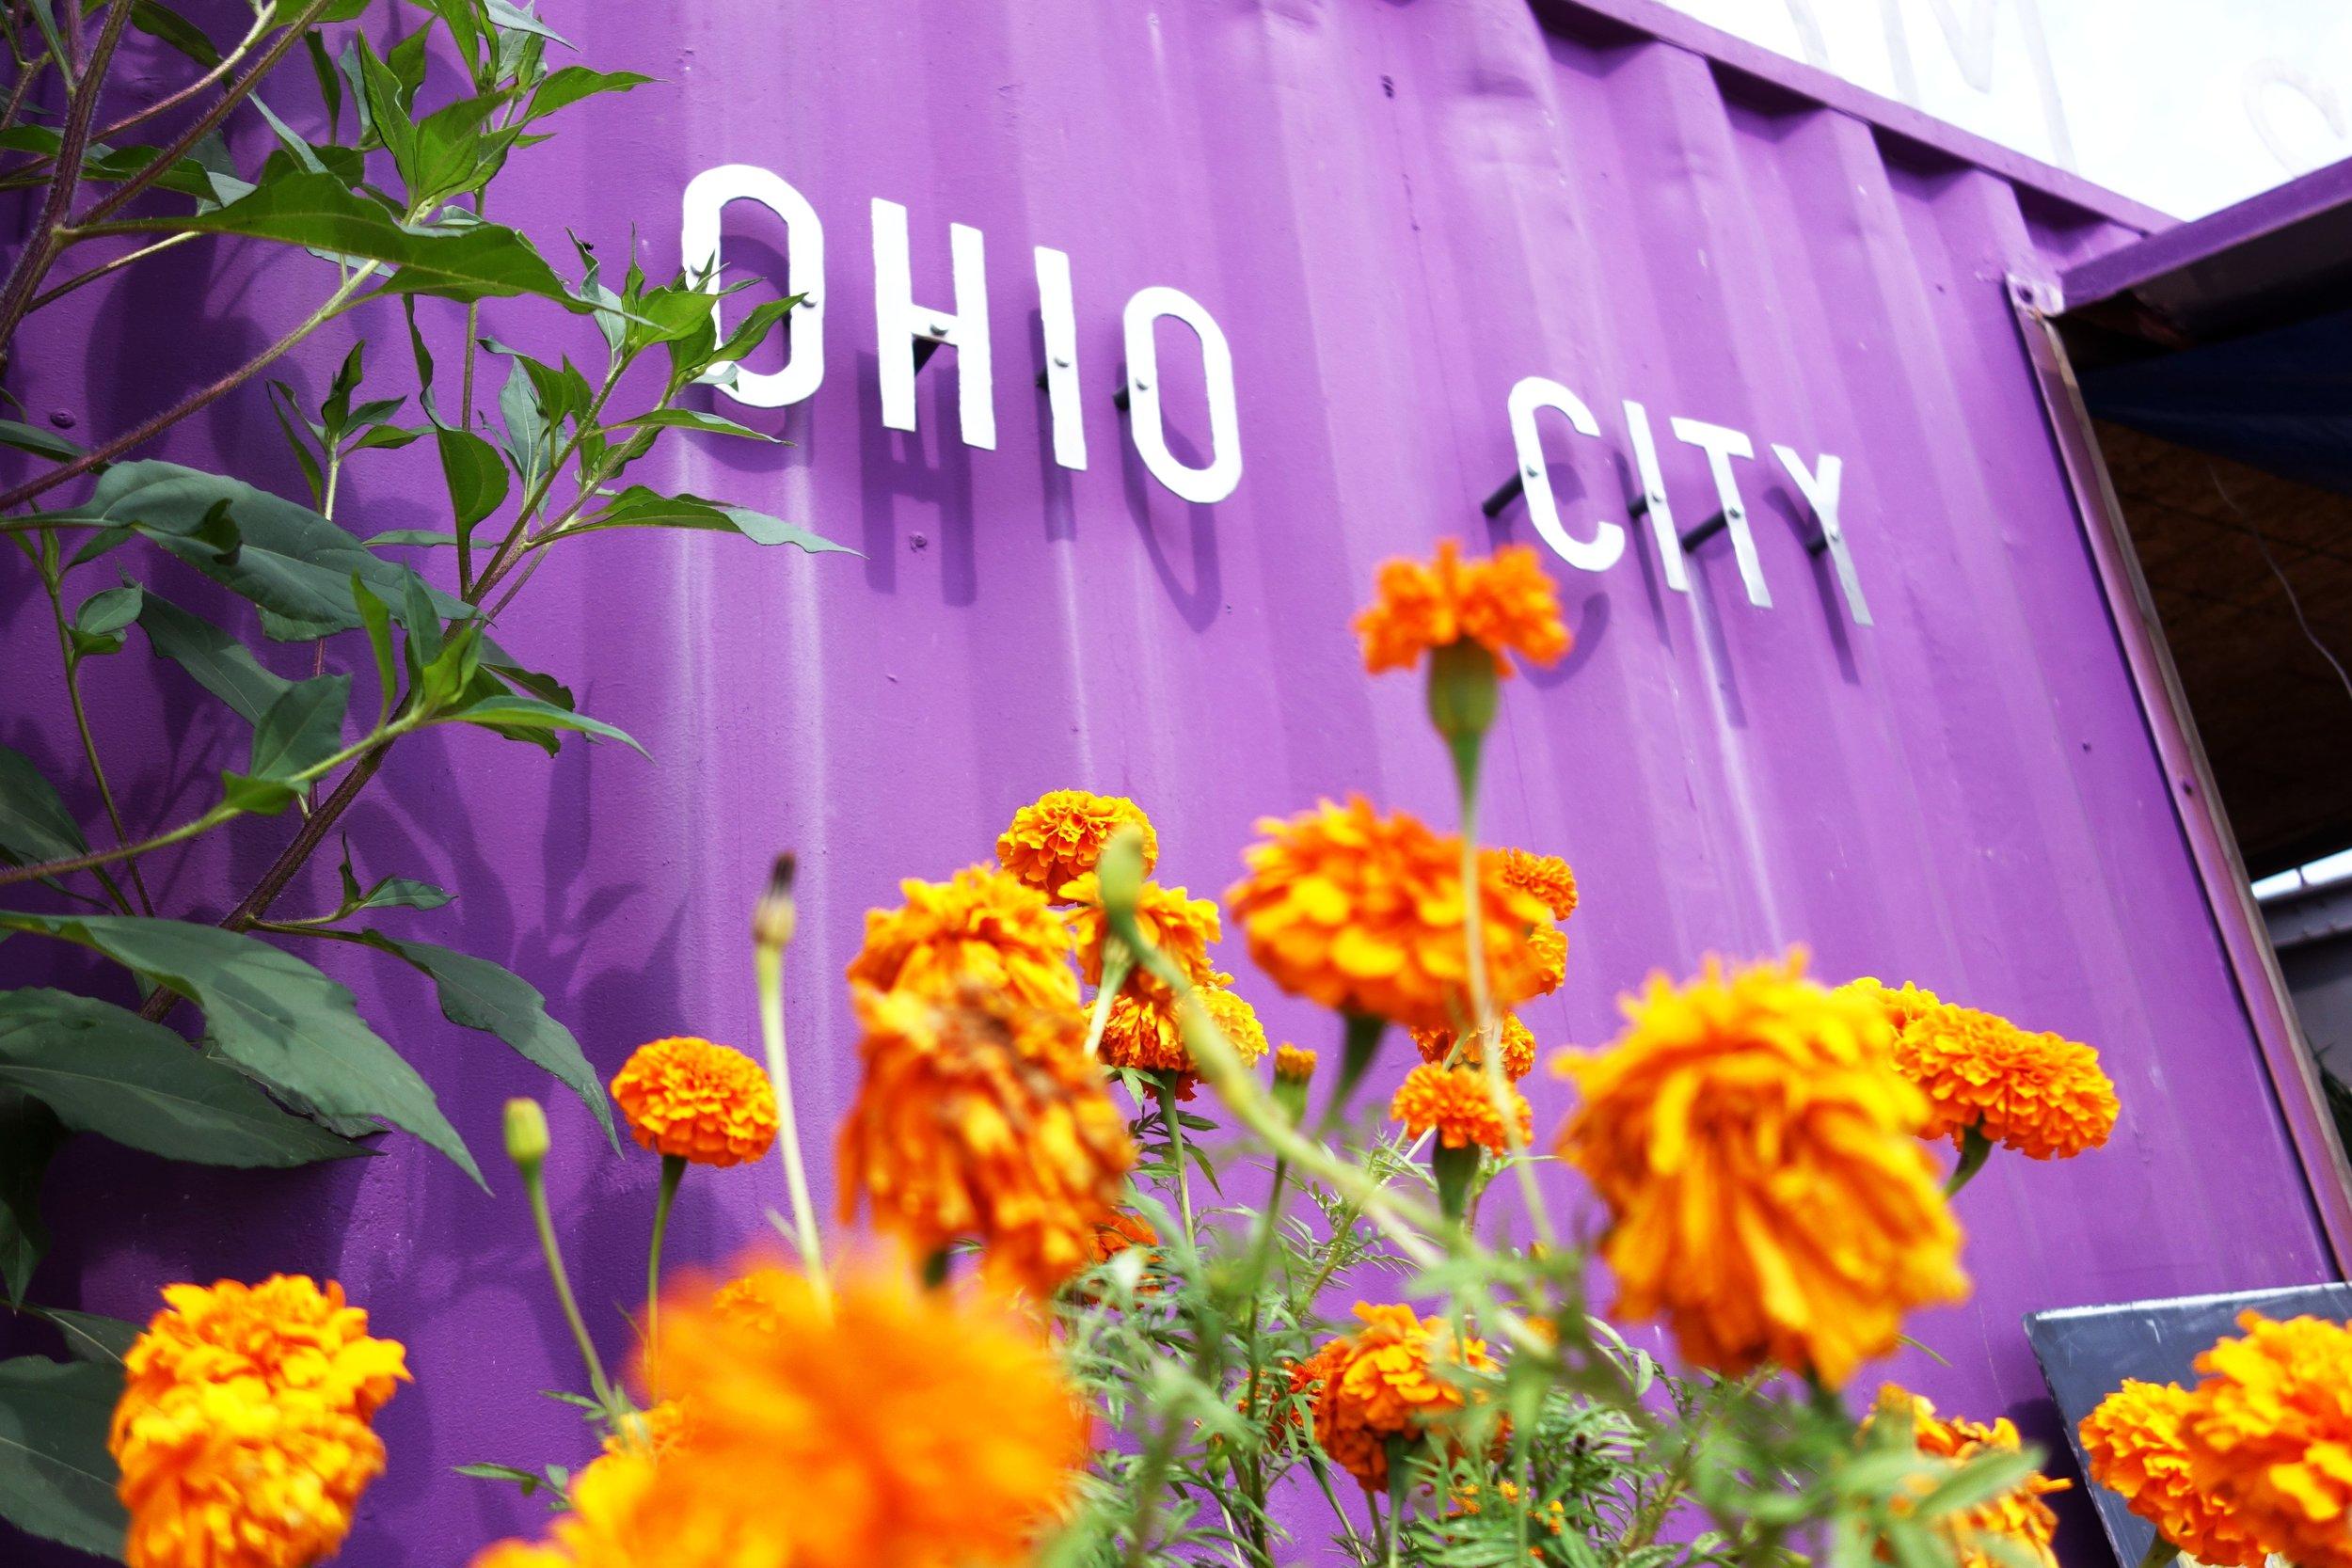 Ohio City Farm